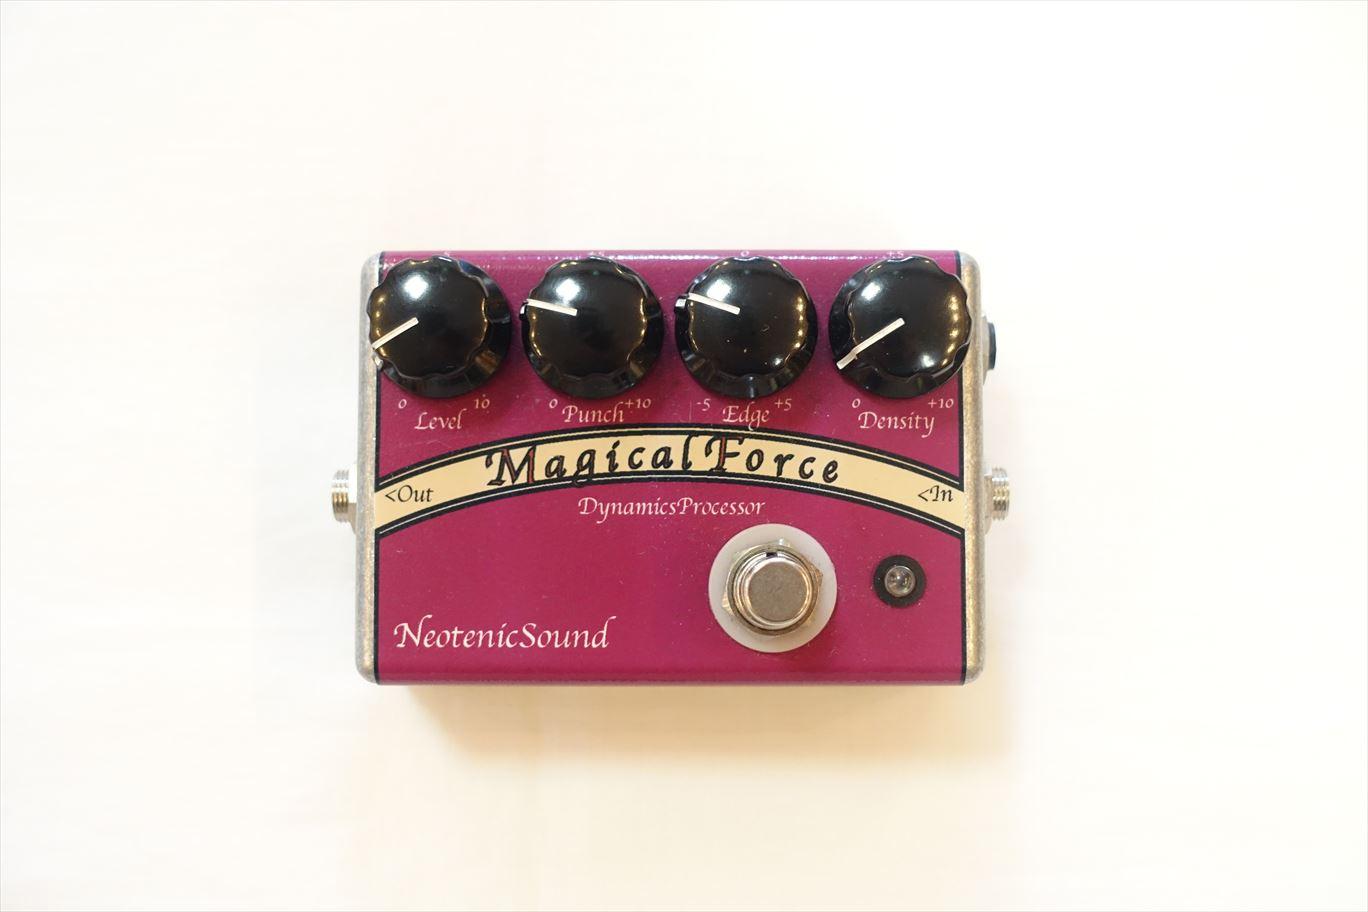 【迫力増強系エフェクター】Neotenic Sound : Magical Force